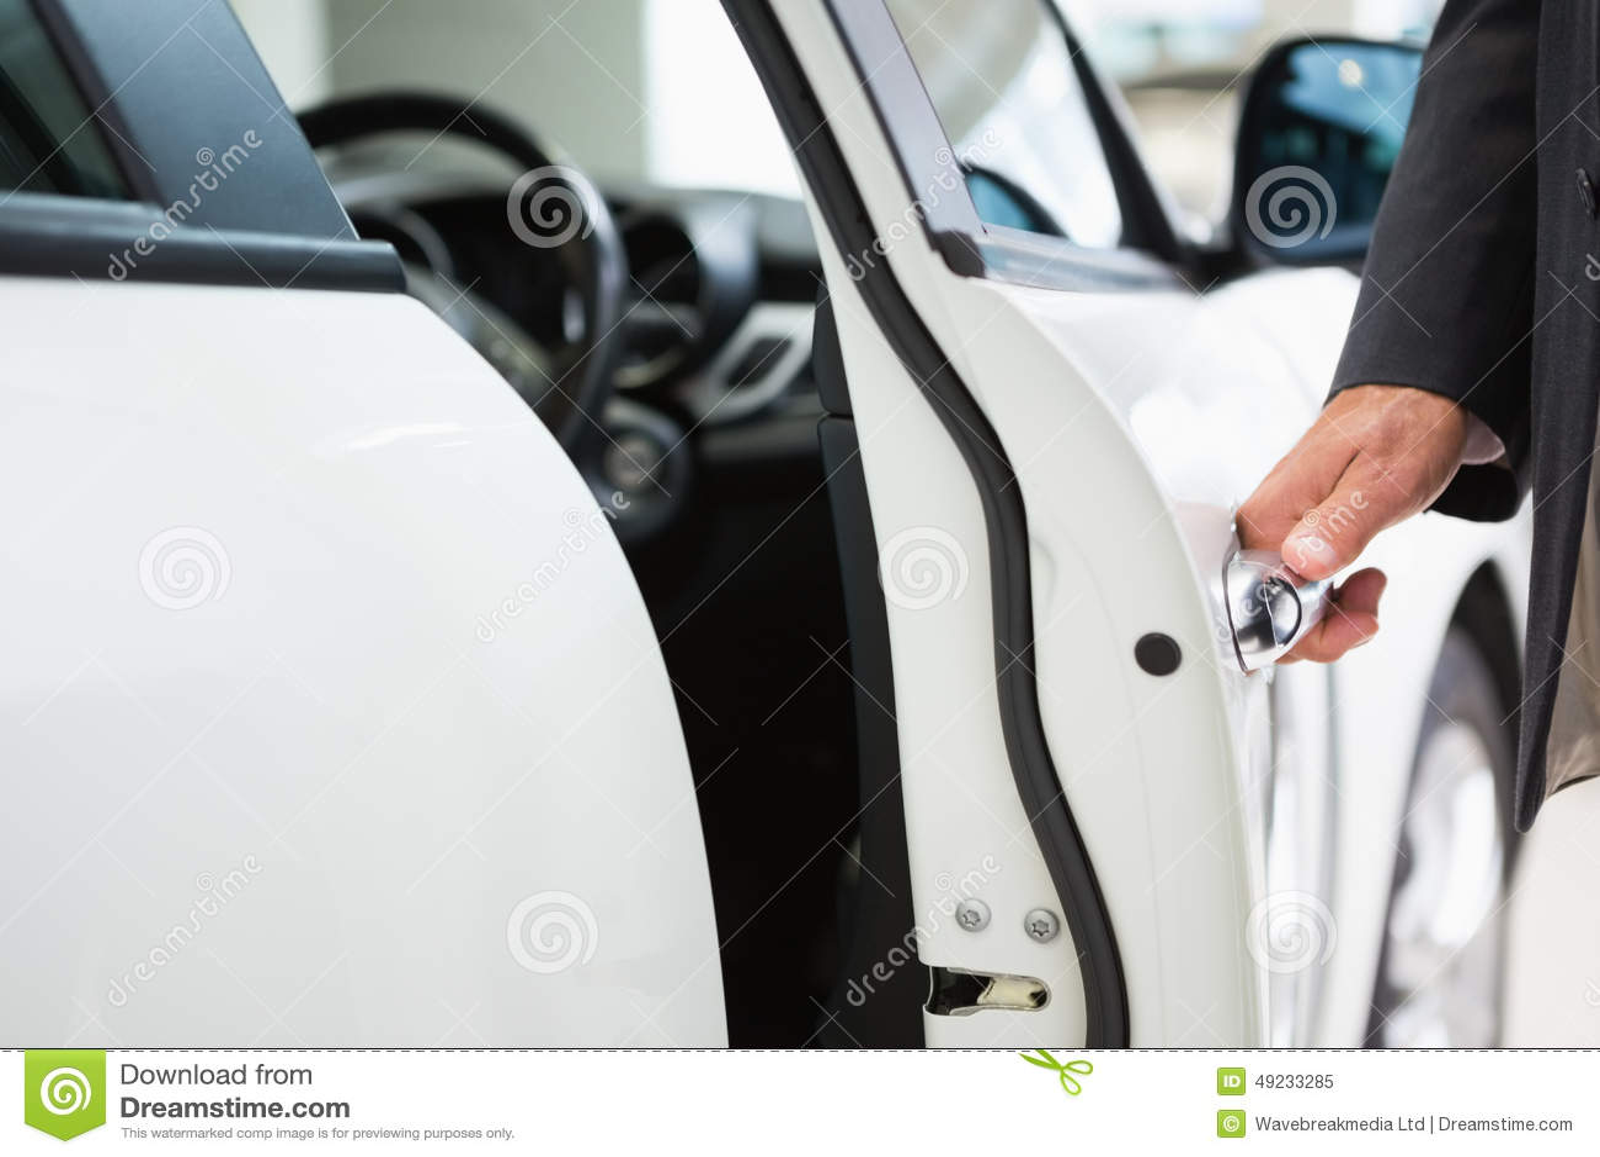 how to break open a car door